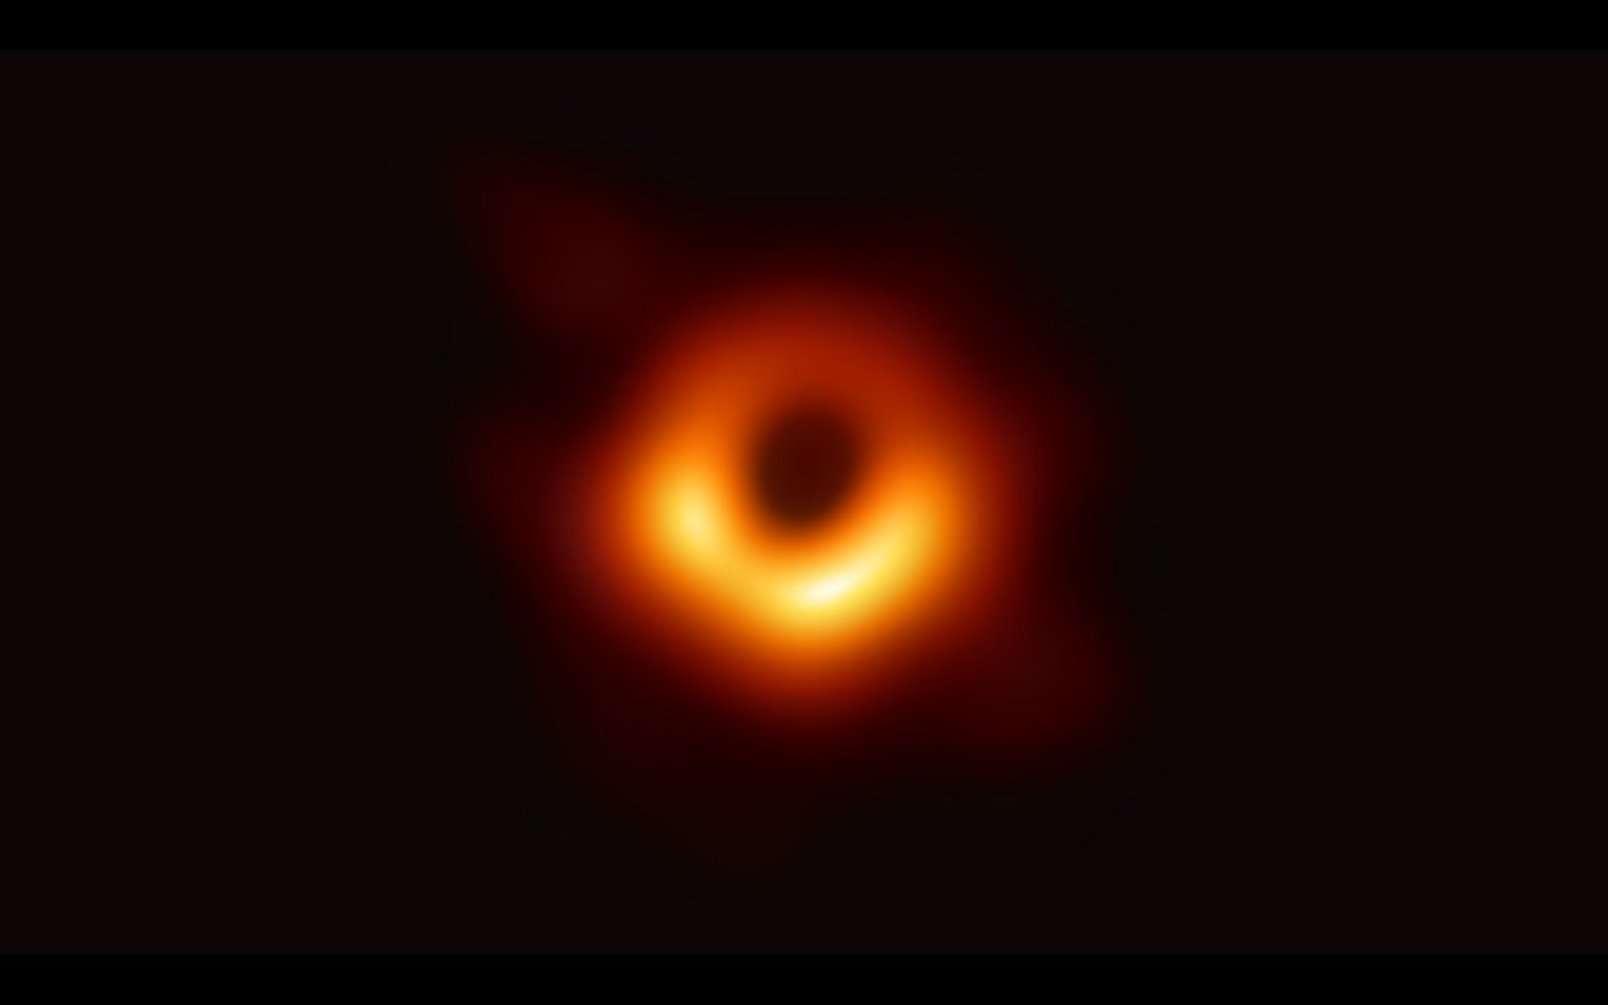 Une vue en fausse couleur du trou noir M87*. © Event Horizon Telescope Collaboration